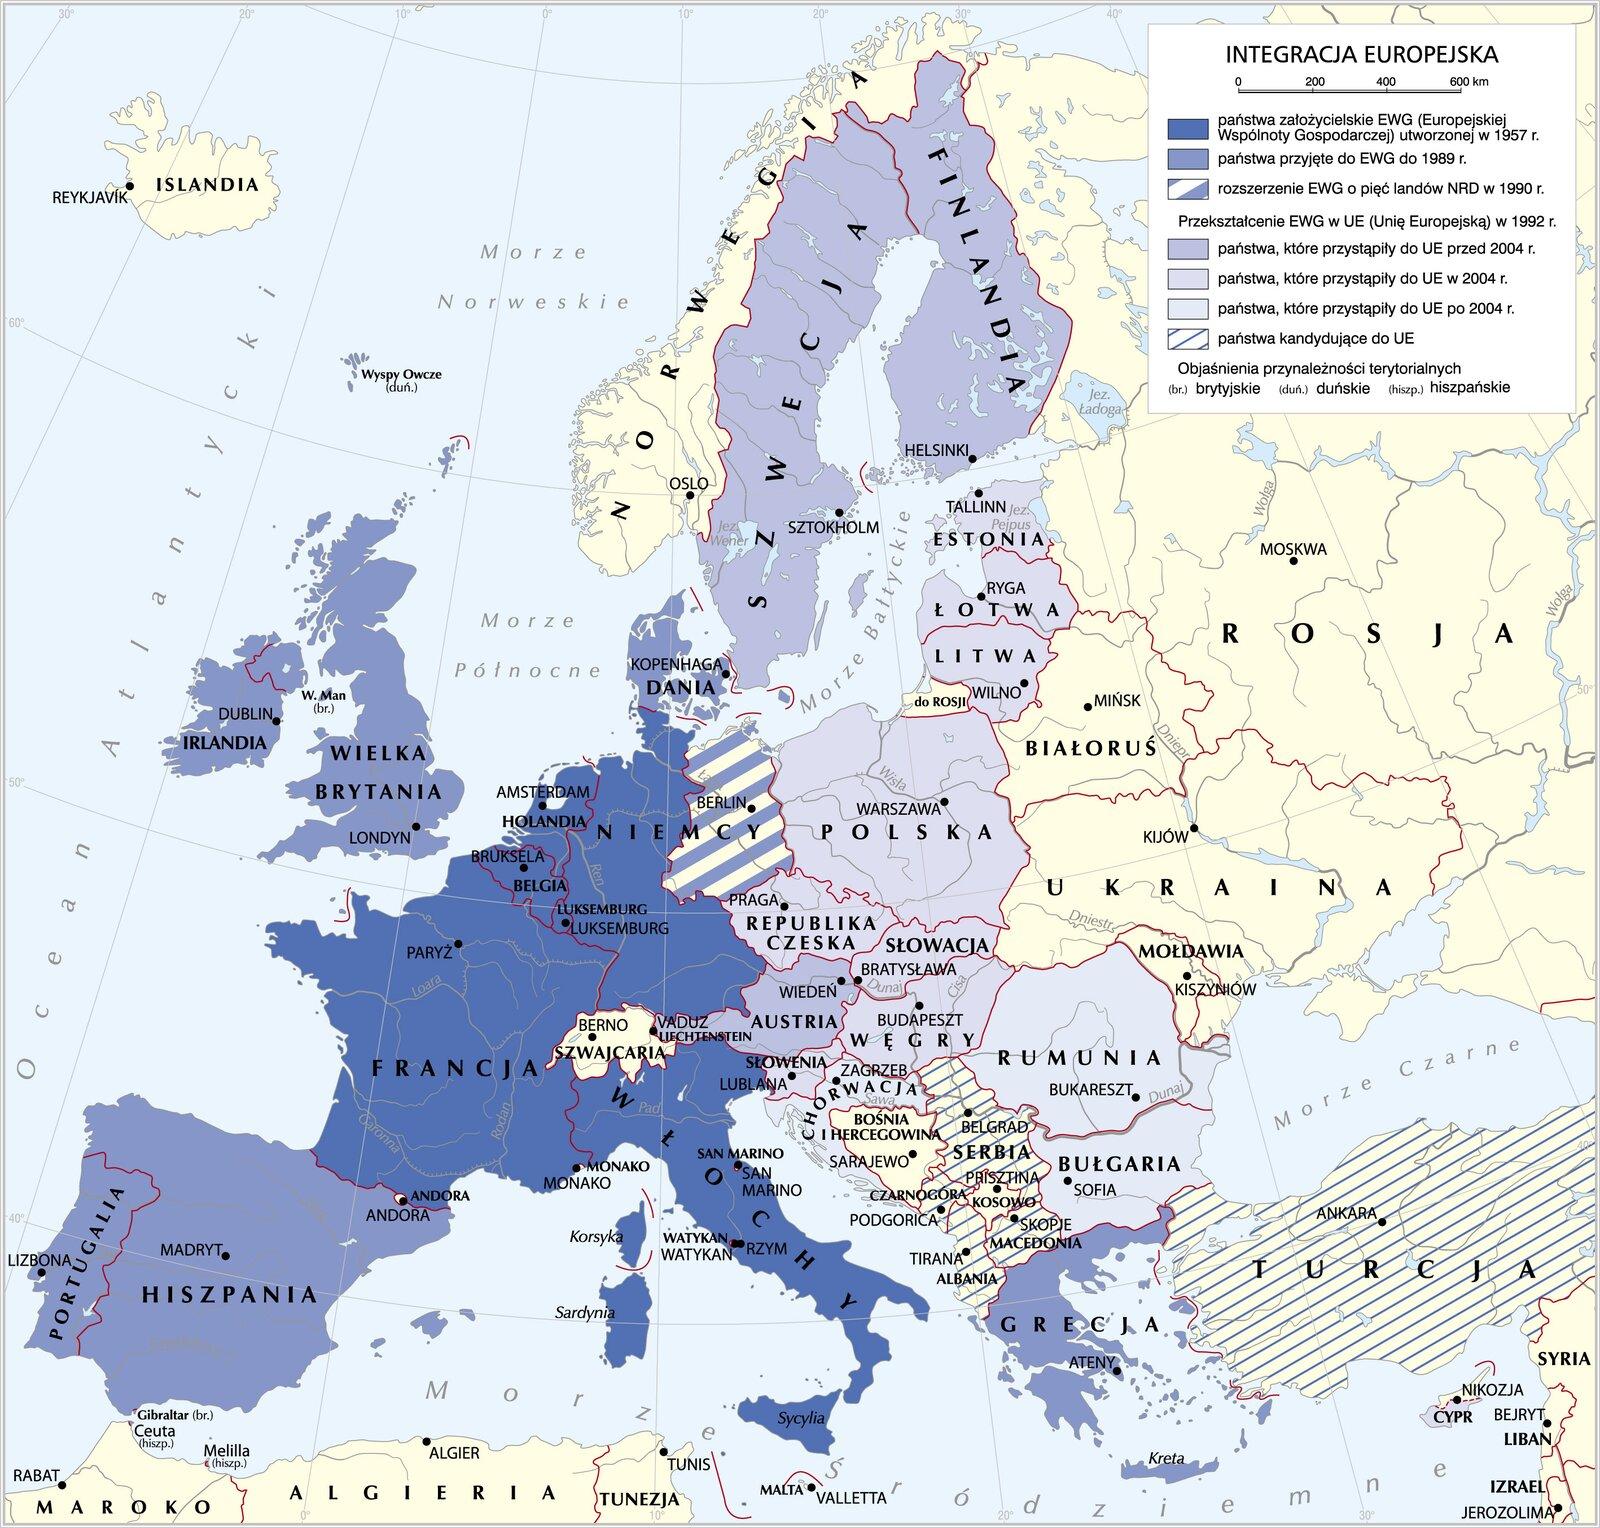 mapaIntegracja Europejska